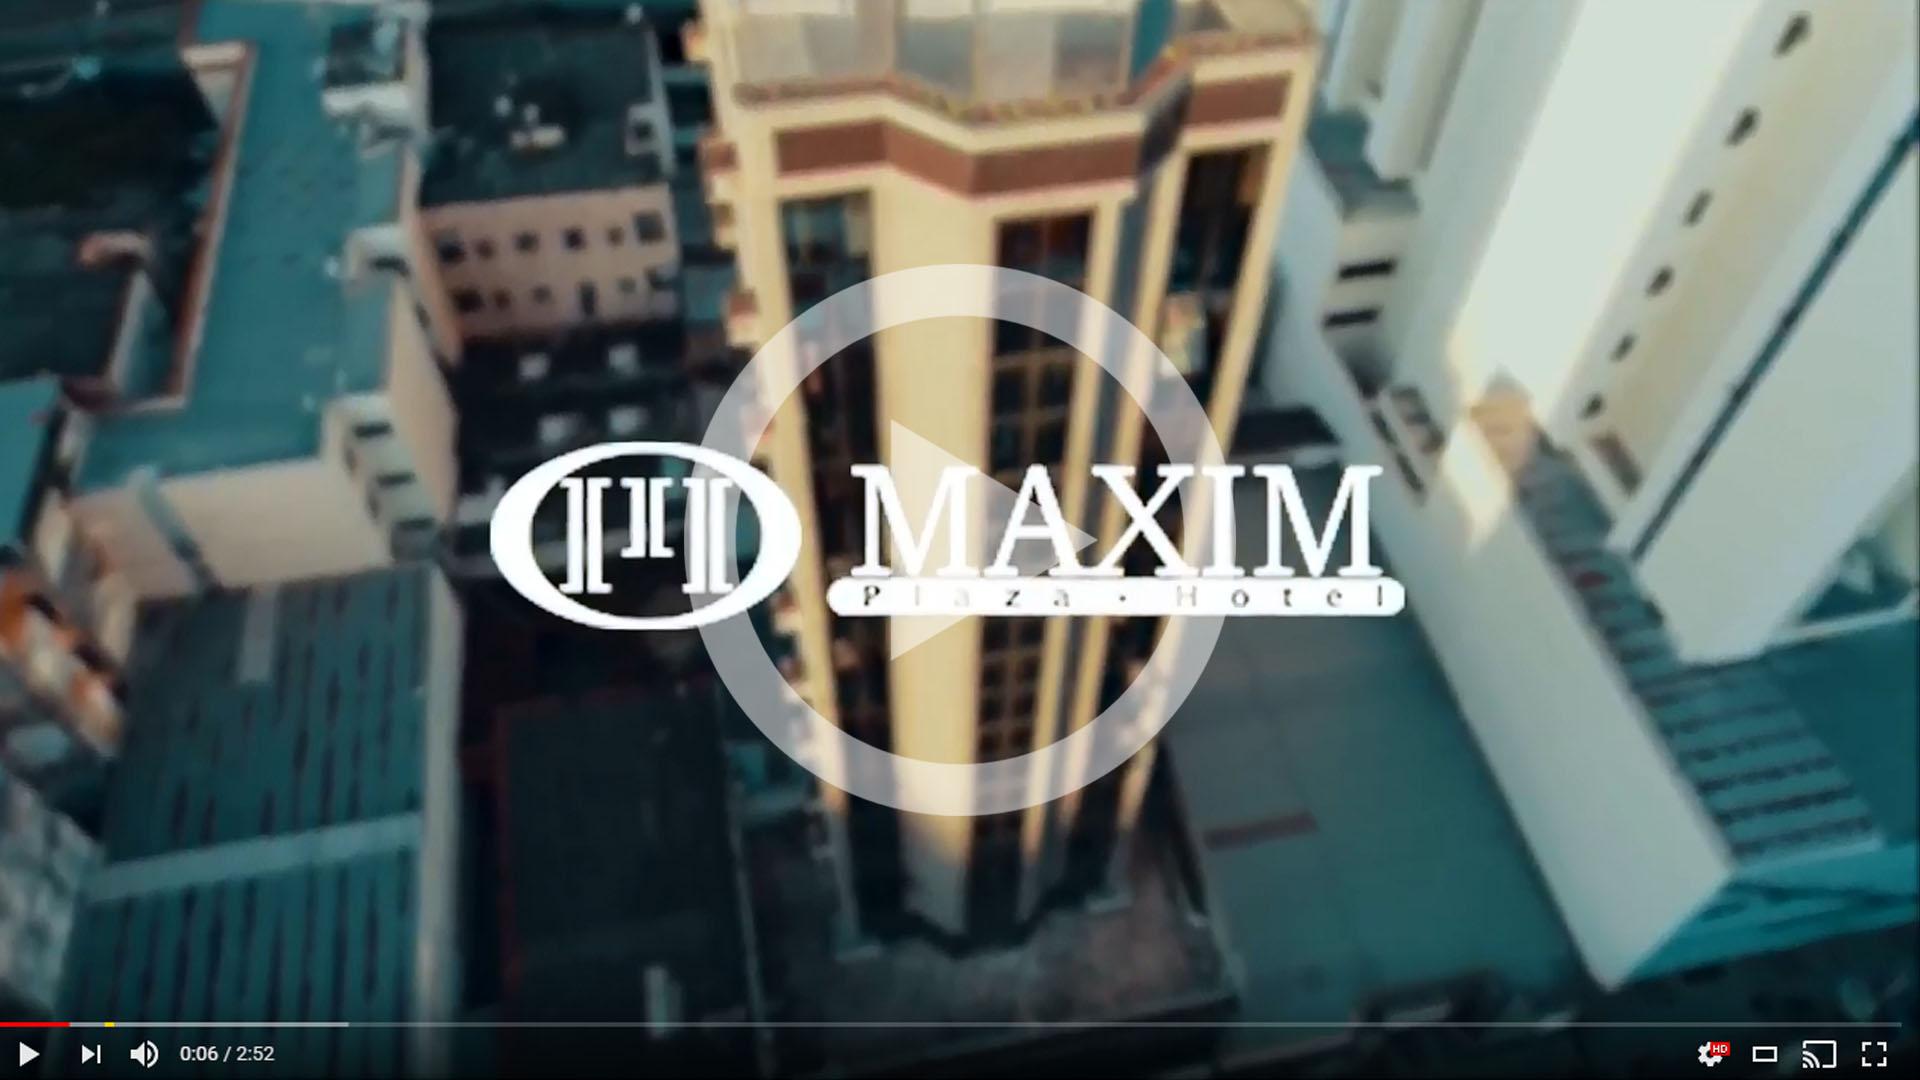 Hotel Maxim Plaza